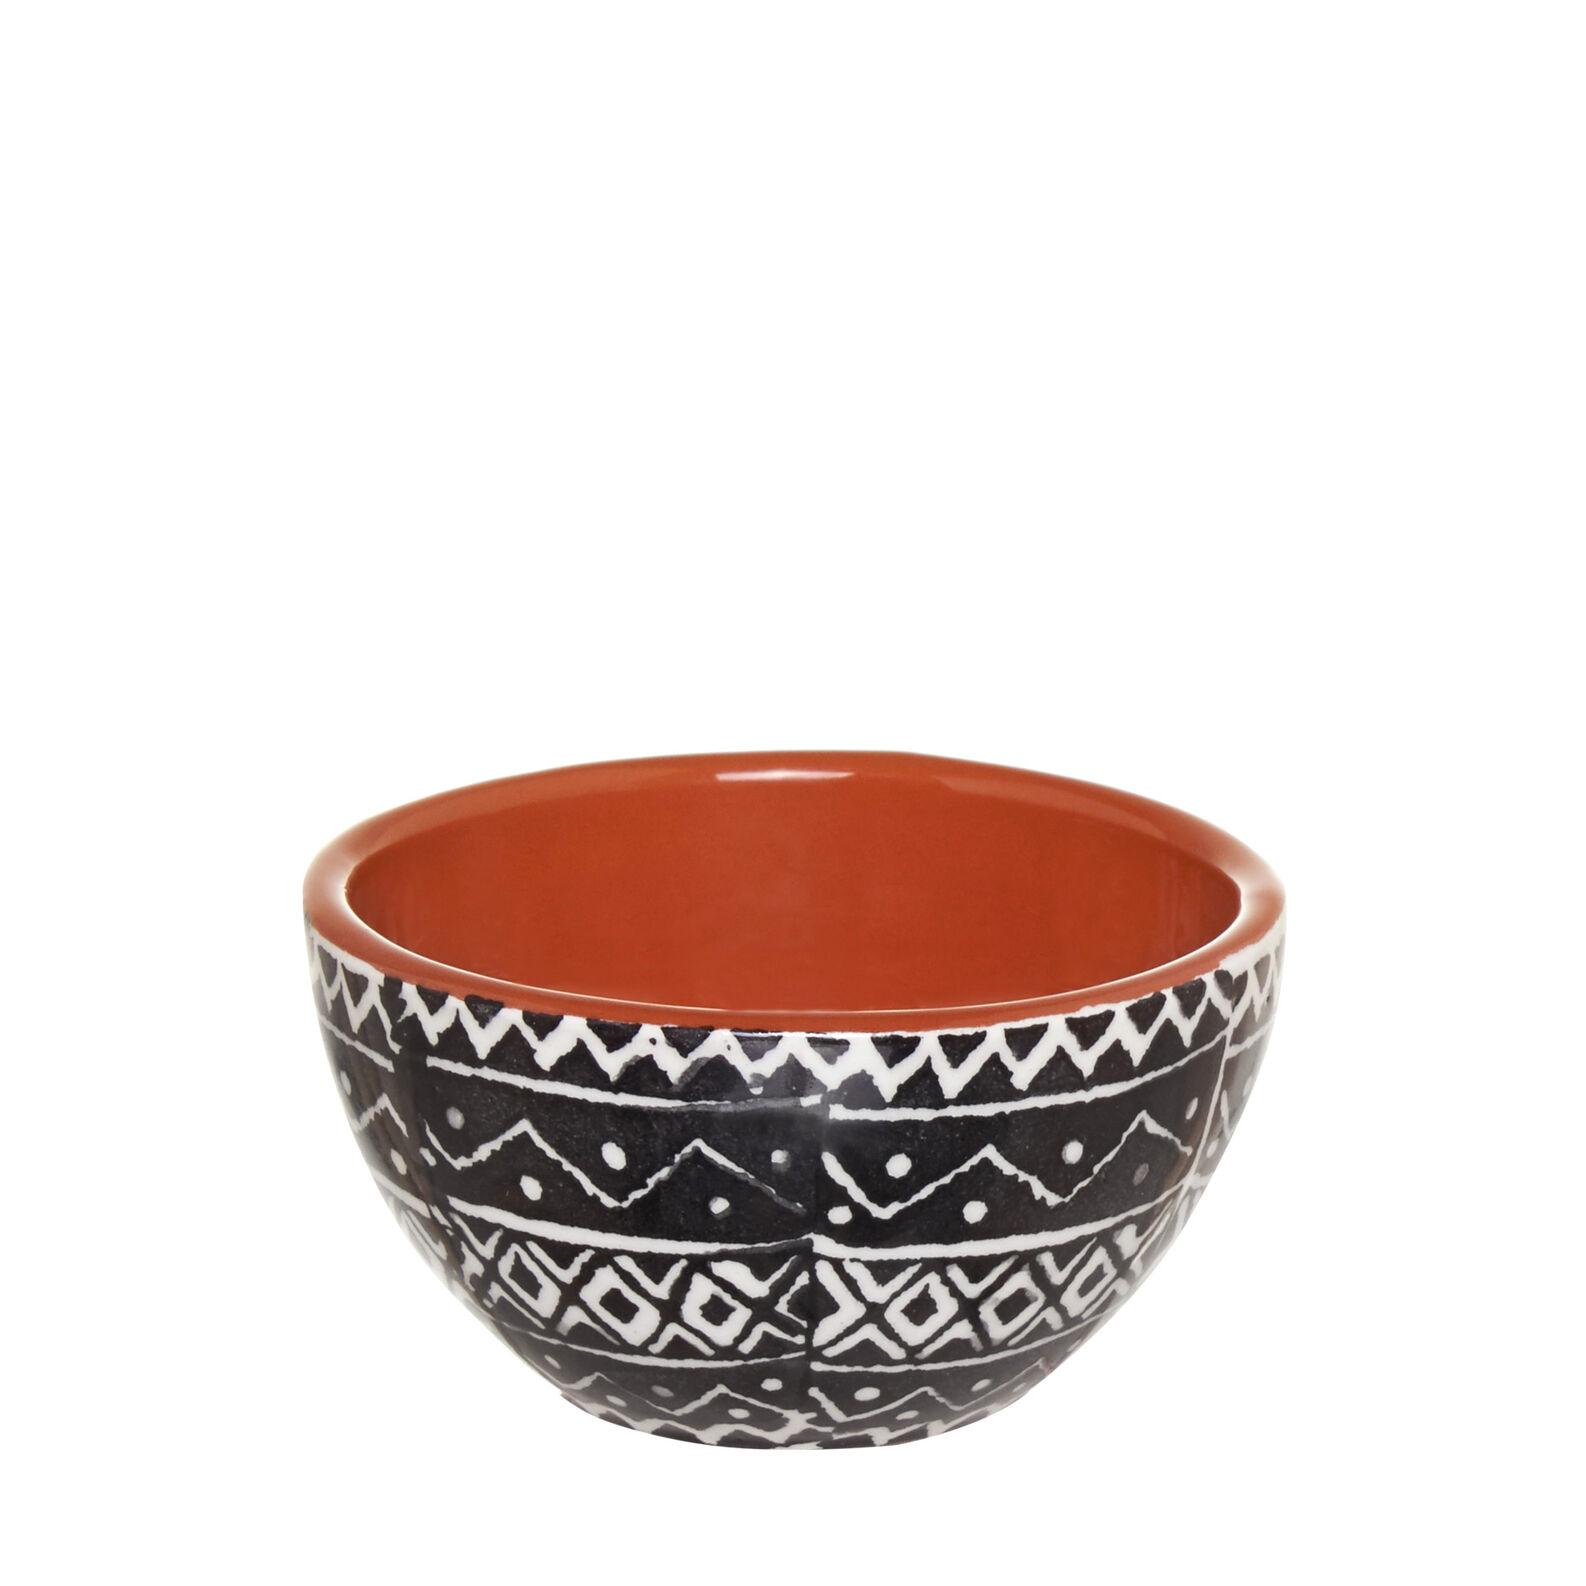 Coppetta ceramica decorazione etnica coincasa for Decorazione ceramica